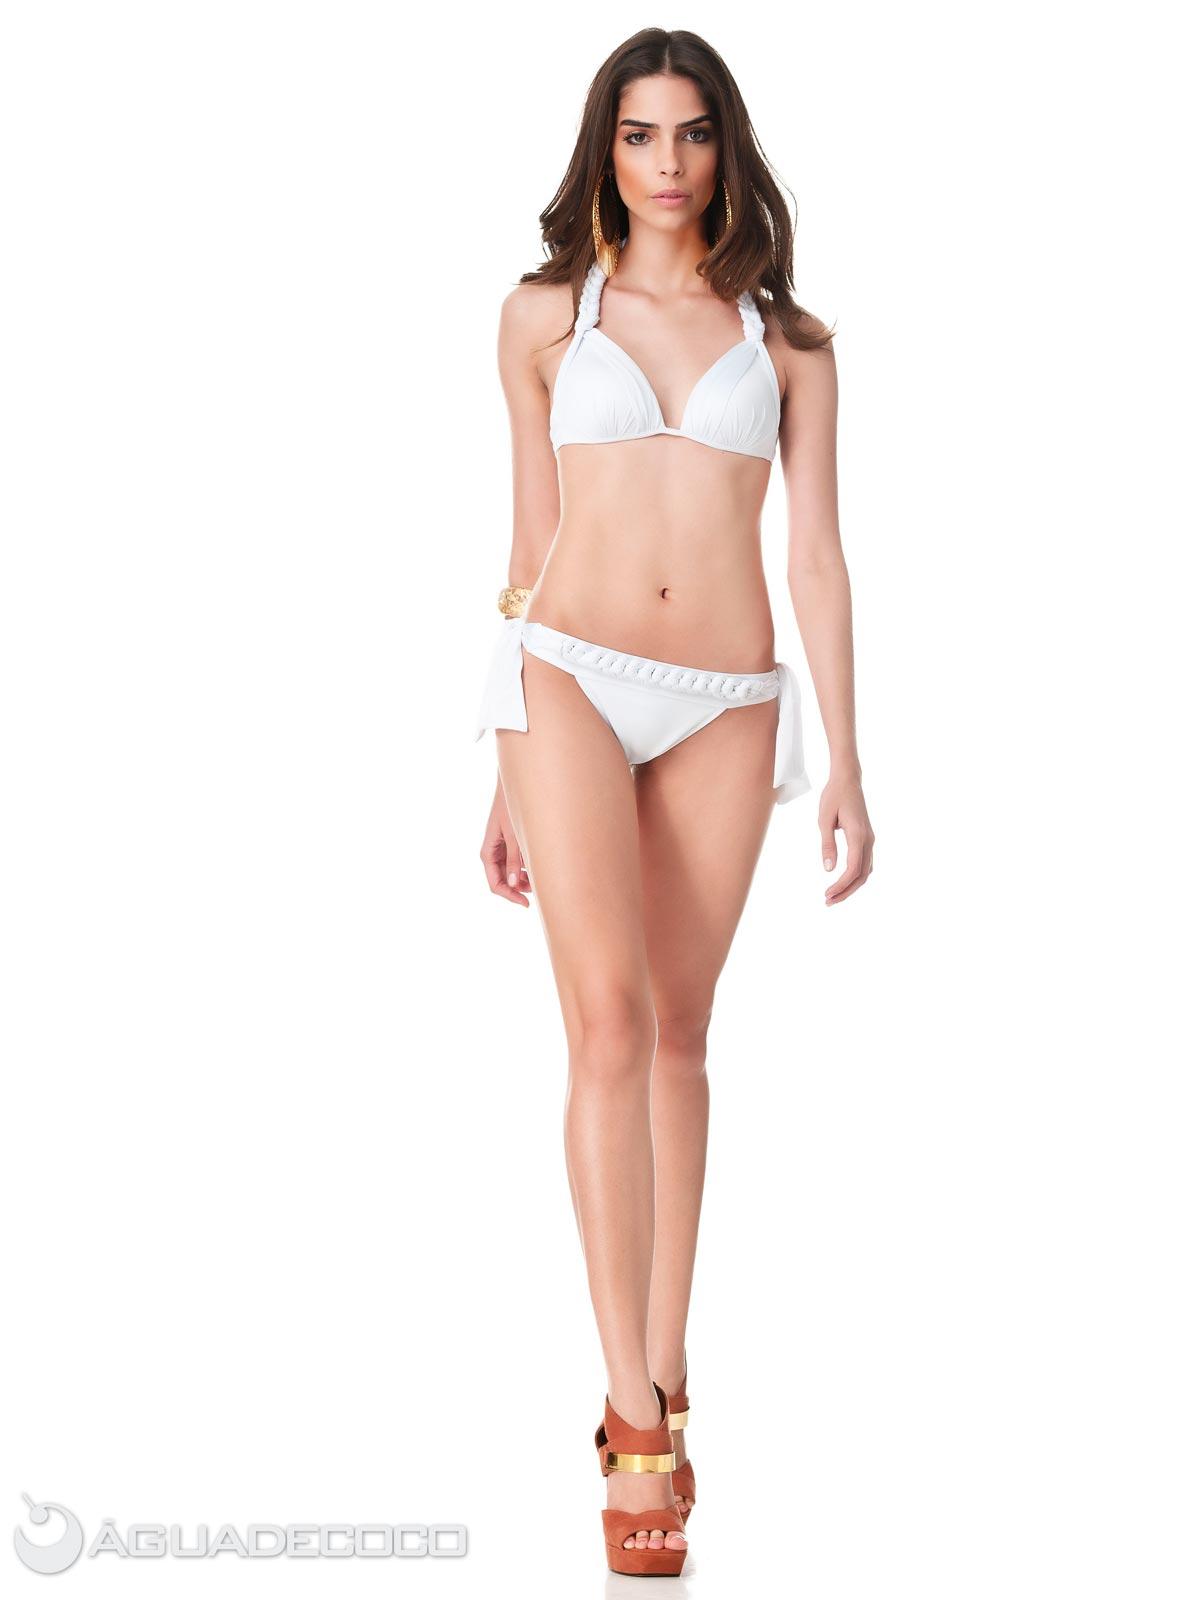 white bikini model jpg 1500x1000